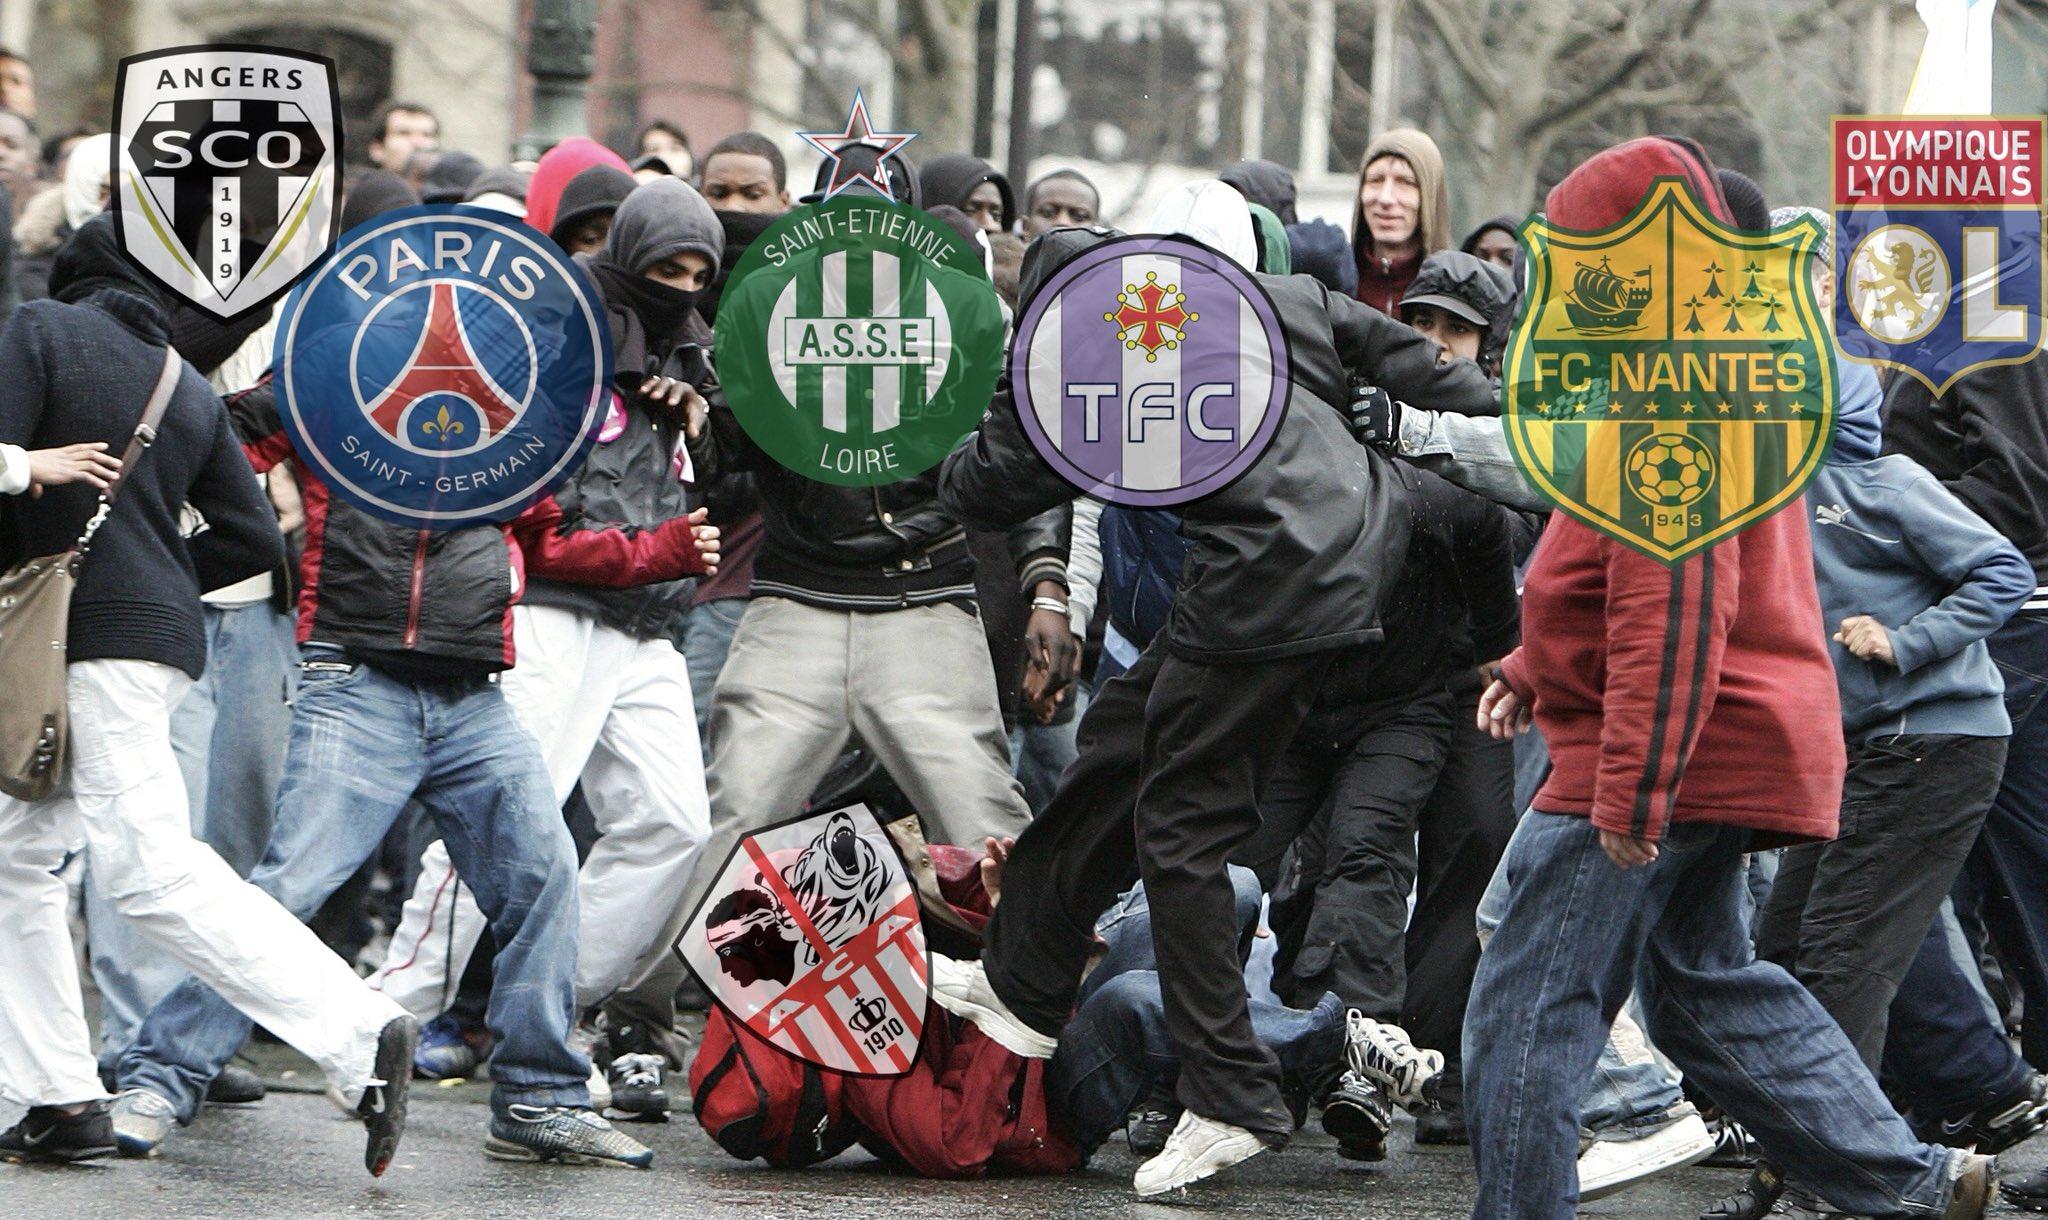 On dirait cette semaine la France du football elle va être comme ça : #ACAHAC #ACATFC https://t.co/ADWCVPYuU8